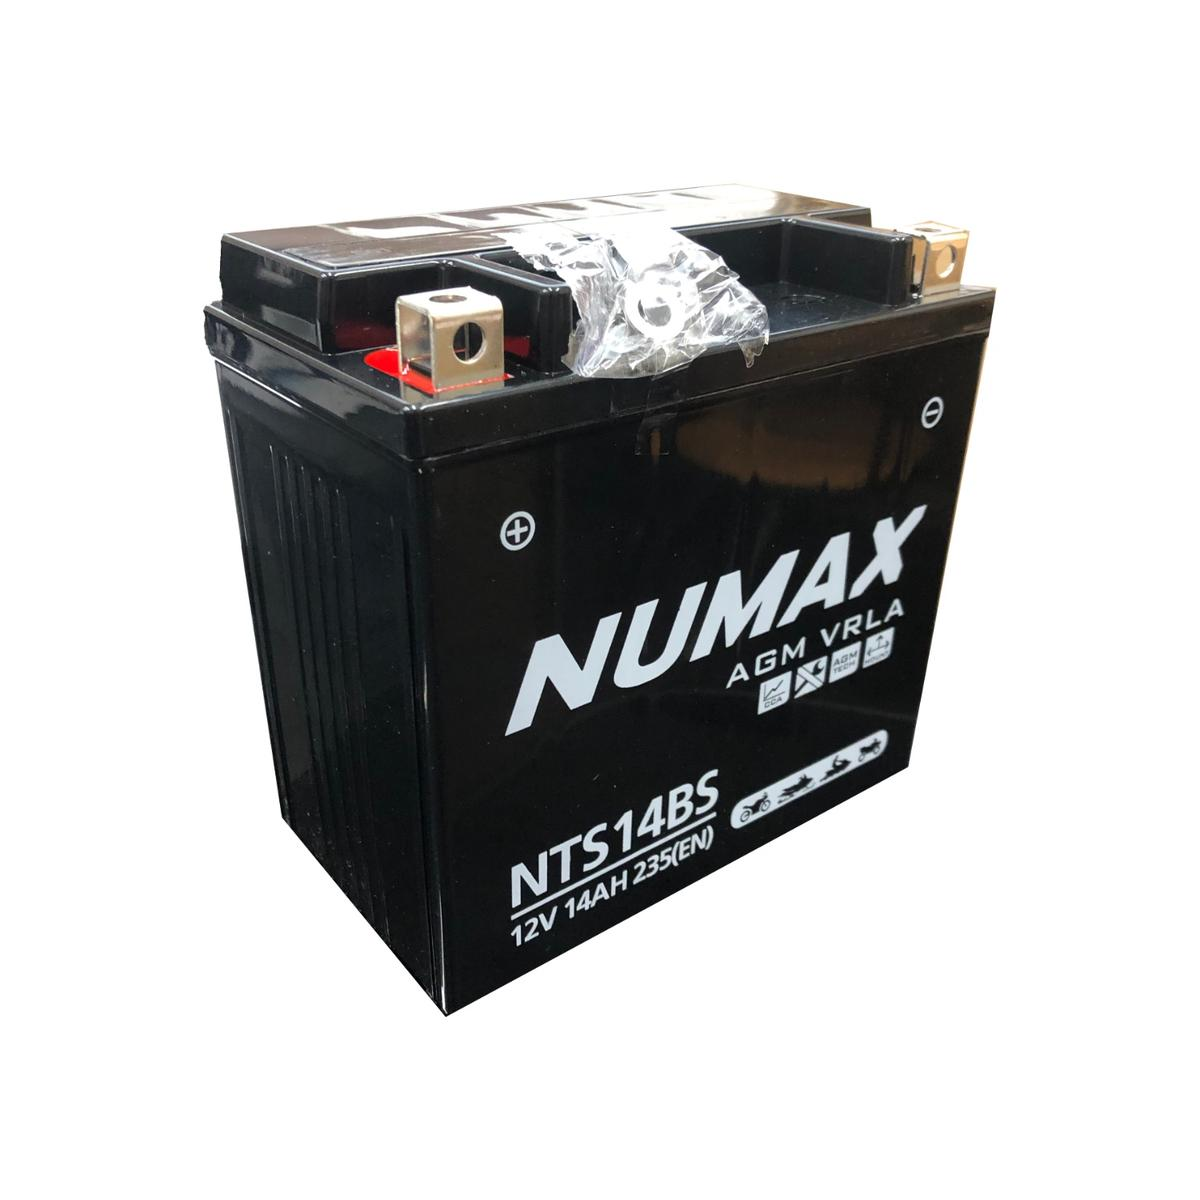 Numax NTS14BS 12v Motorbike Bike Battery KAWASAKI 1100cc ZX1100C YTX14-4